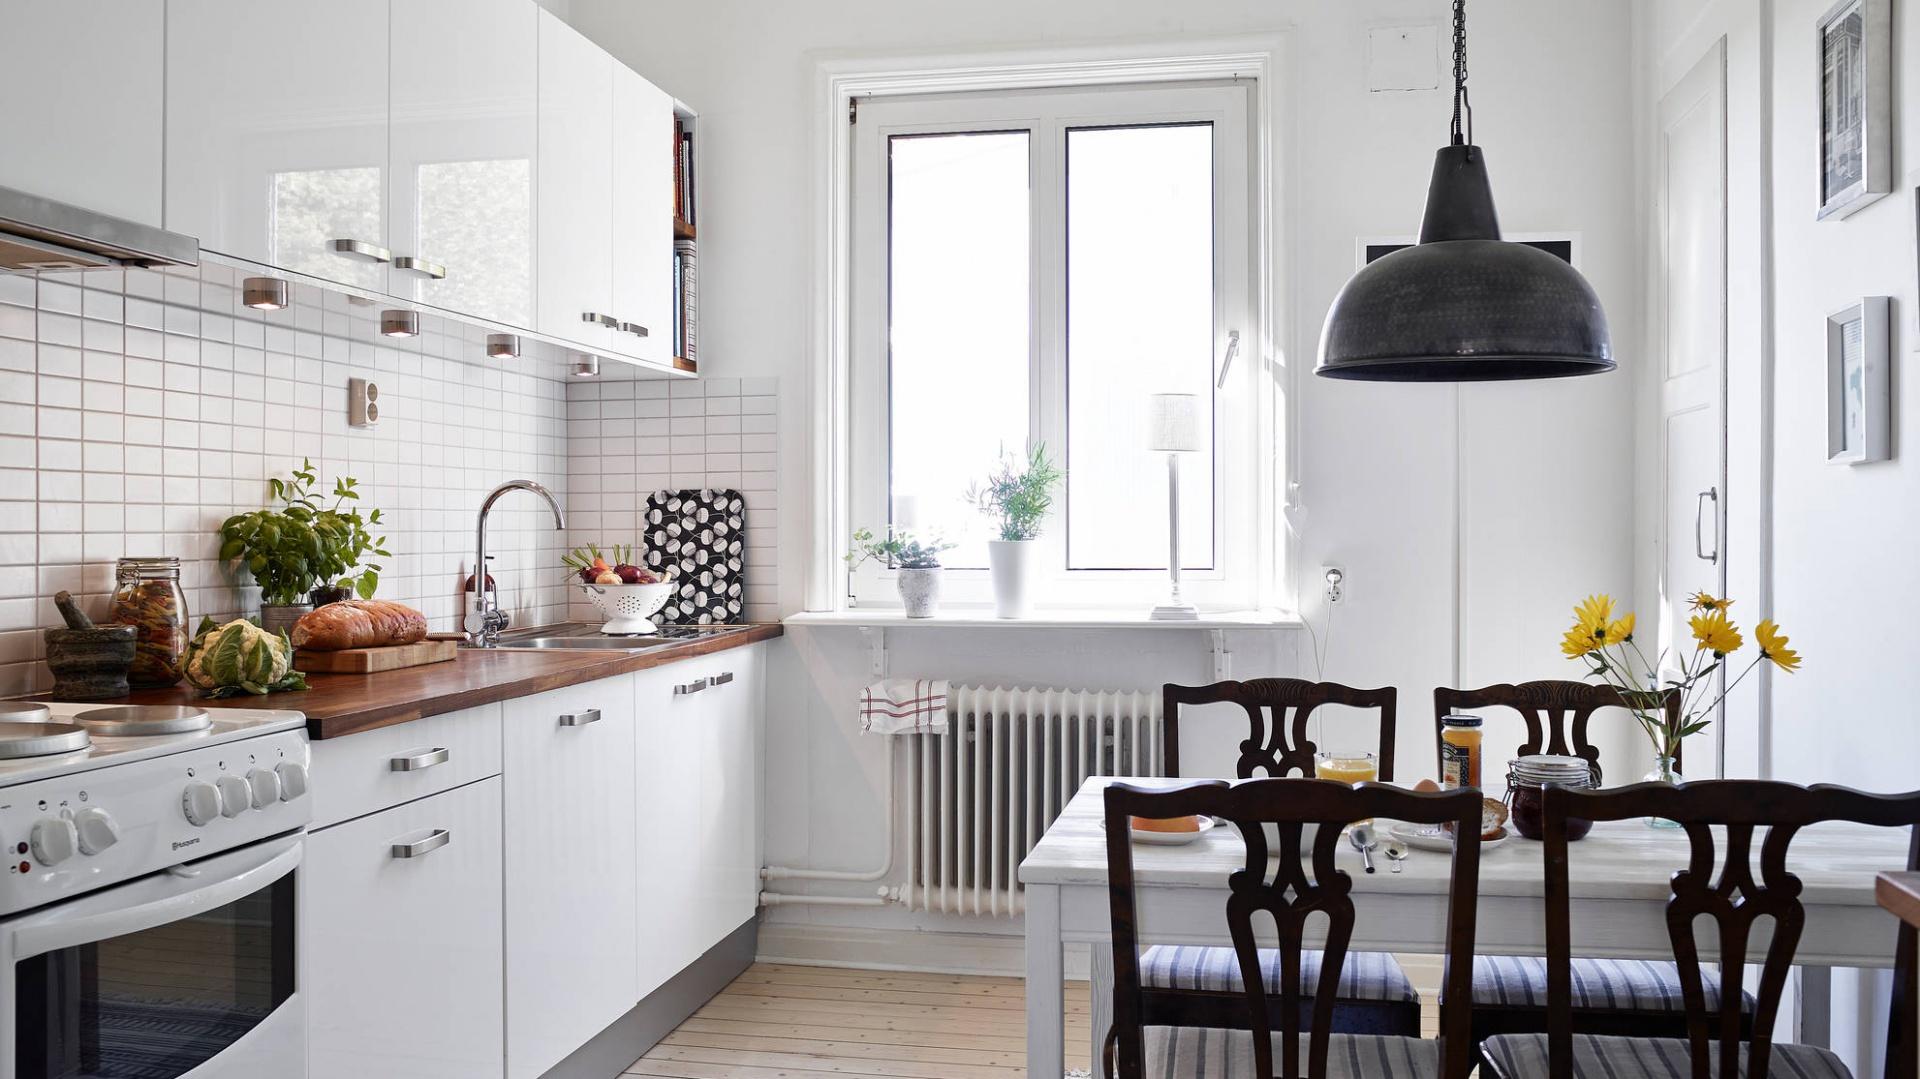 W kuchni ścierają się ze sobą dwa odmienne style. Klasyczne białe kafle, drewniany blat oraz stylizowane krzesła nadają pomieszczeniu tradycyjnego, delikatnie rustykalnego charakteru. Z kolei industrialna czarna lampa i gładkie fronty szafek na wysoki połysk to ukłon w stronę nowoczesnej stylistyki. Fot. Stadshem.